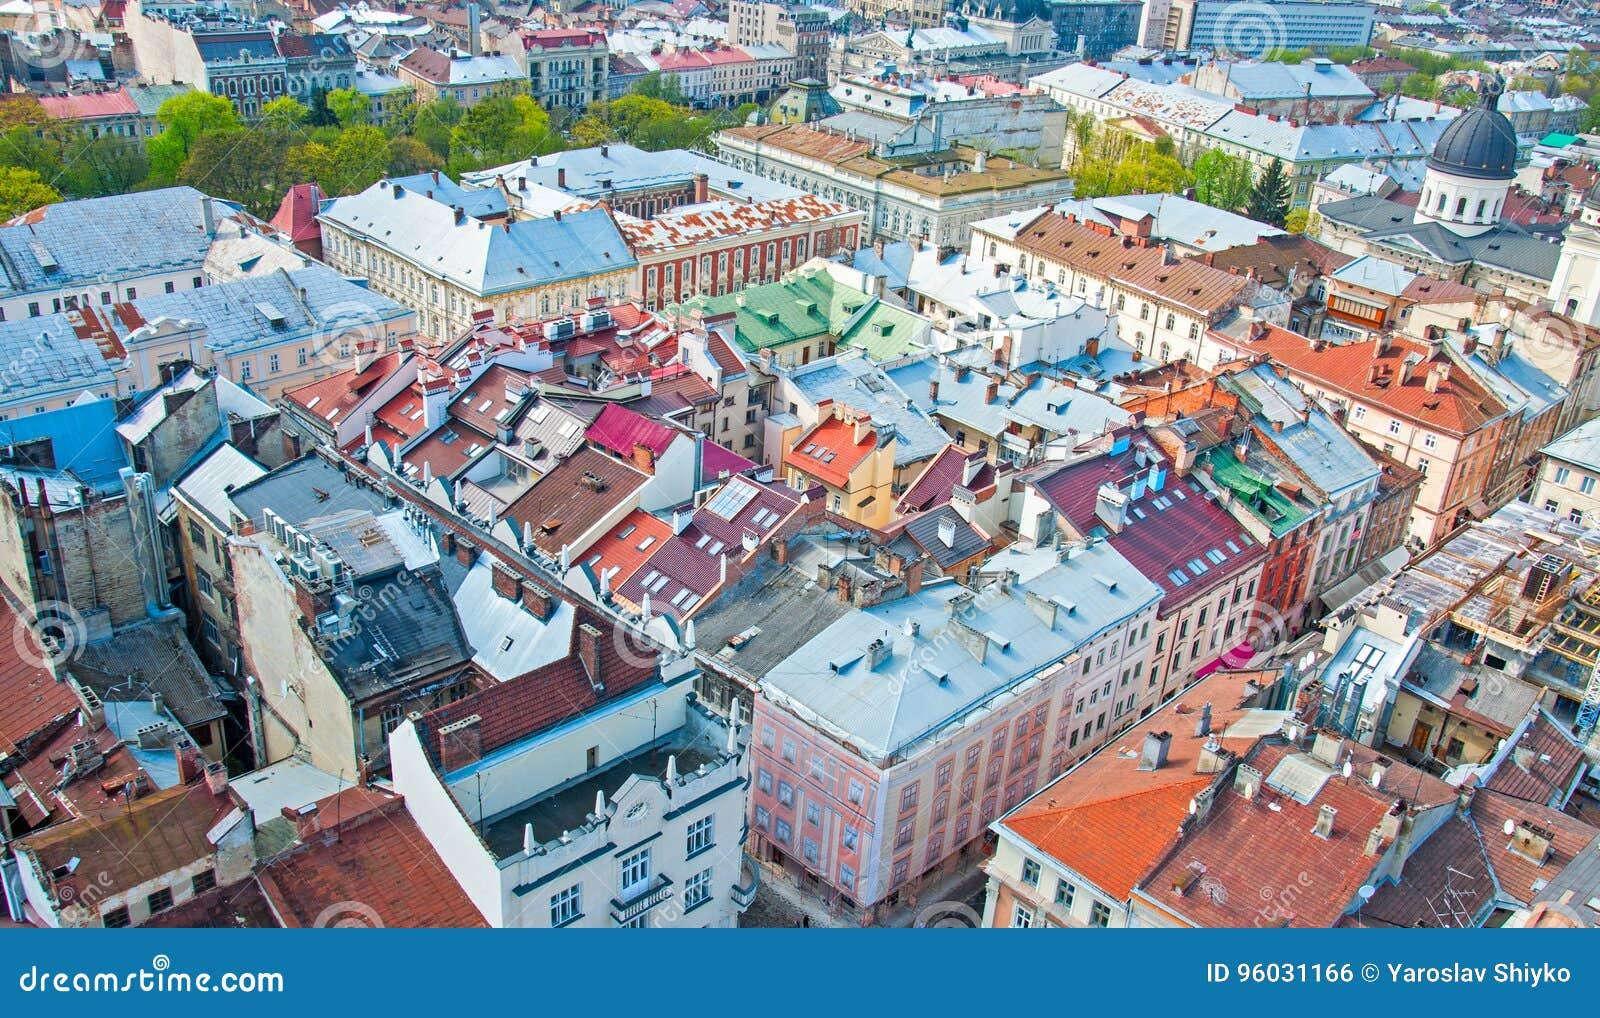 Ideia da área residencial com casas e ruas de cima de